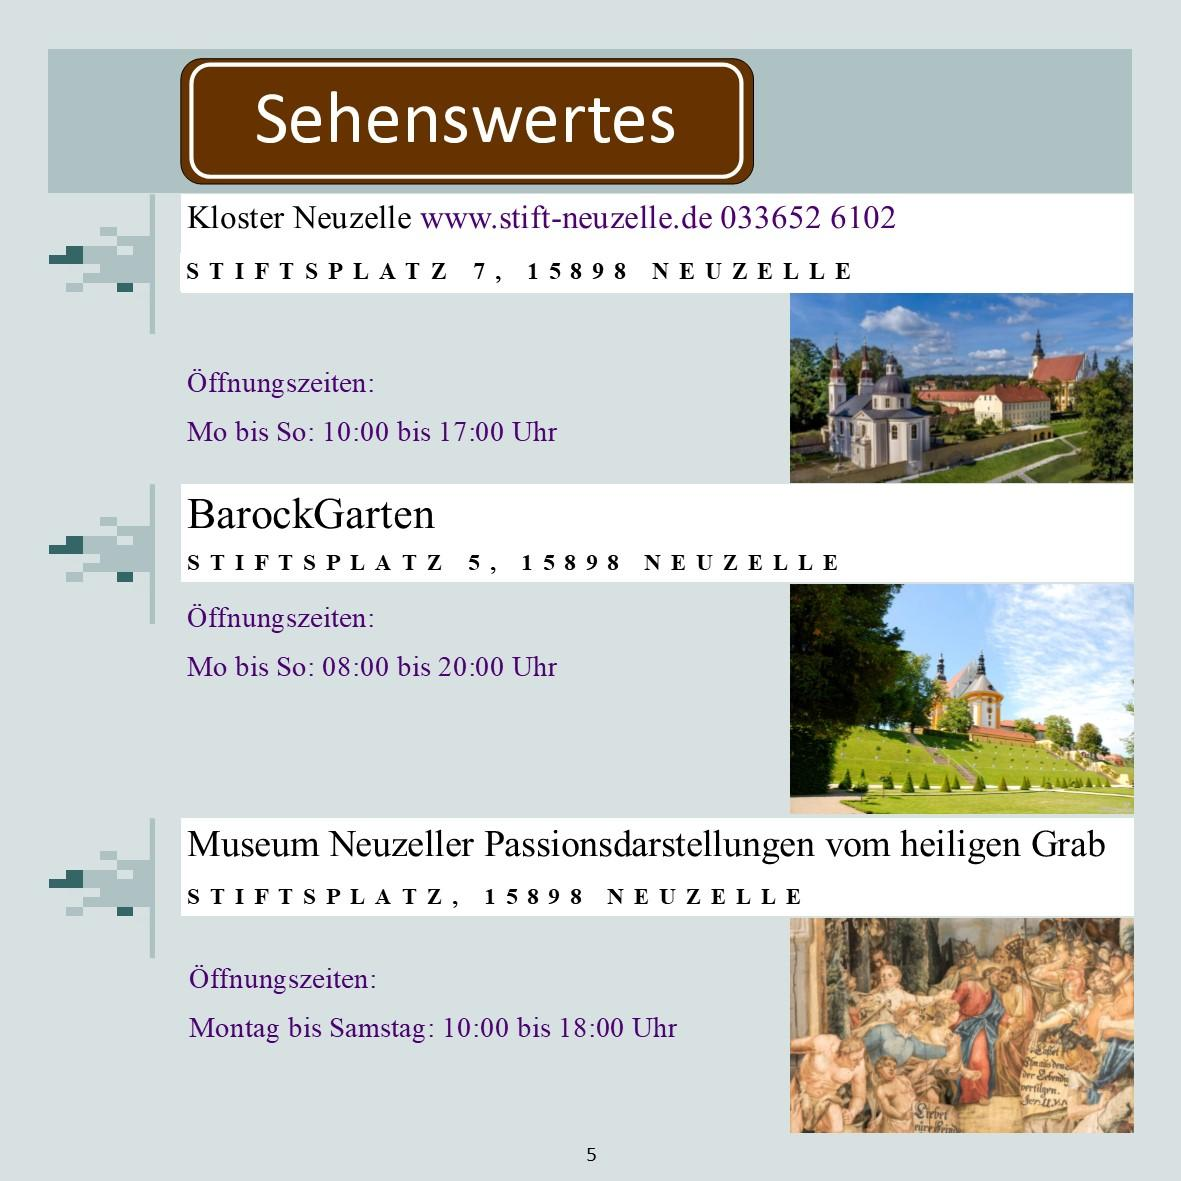 Neuzelle_Freizeit_Kärtchen_Aktivitäten5